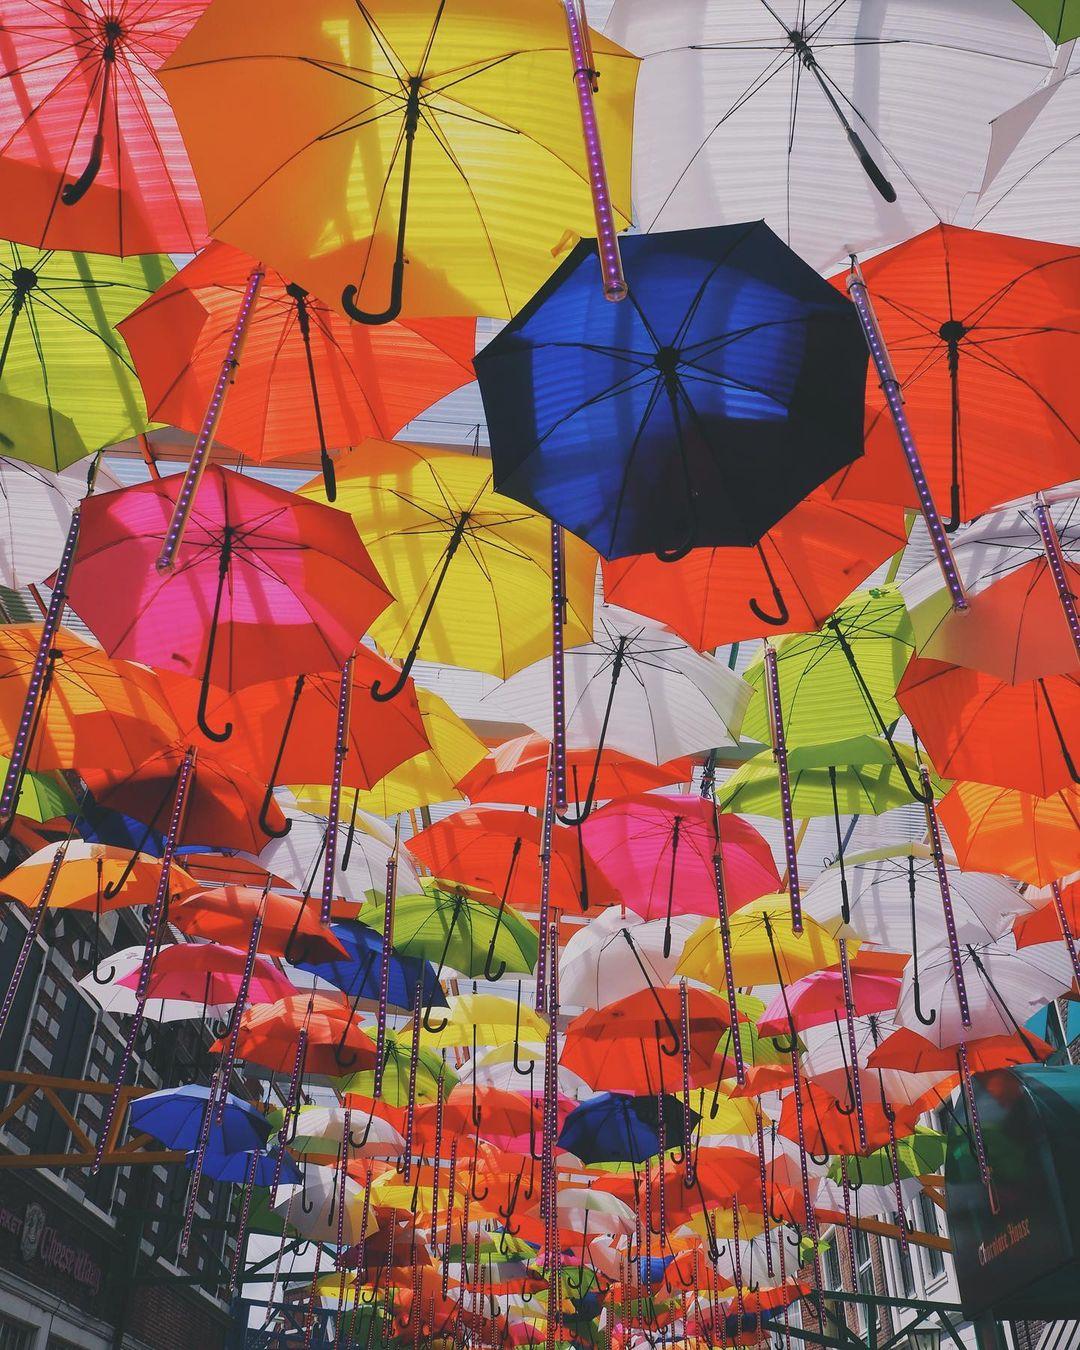 豪斯登堡 雨傘街 打卡